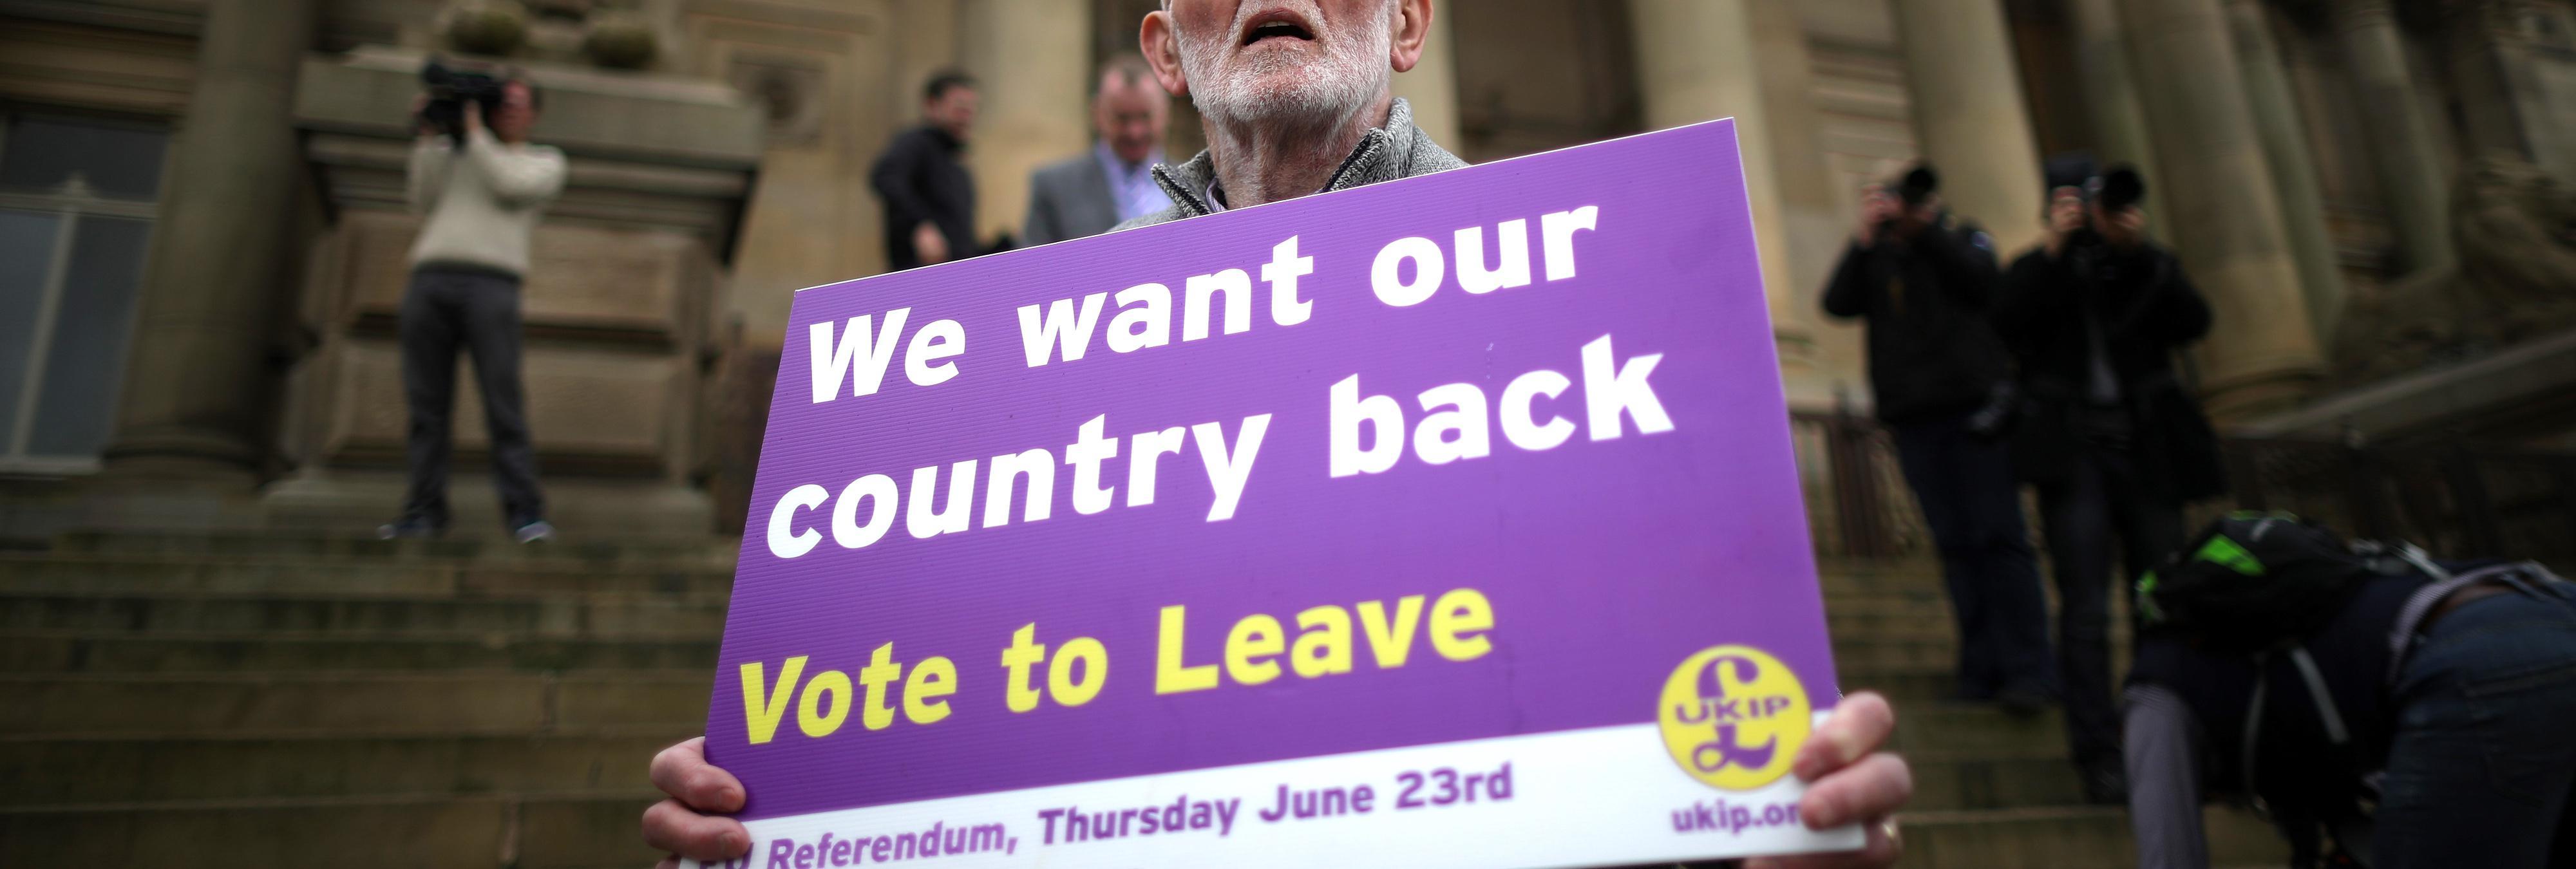 El Brexit no tenía nada que ver con la Unión Europea: solo era racismo